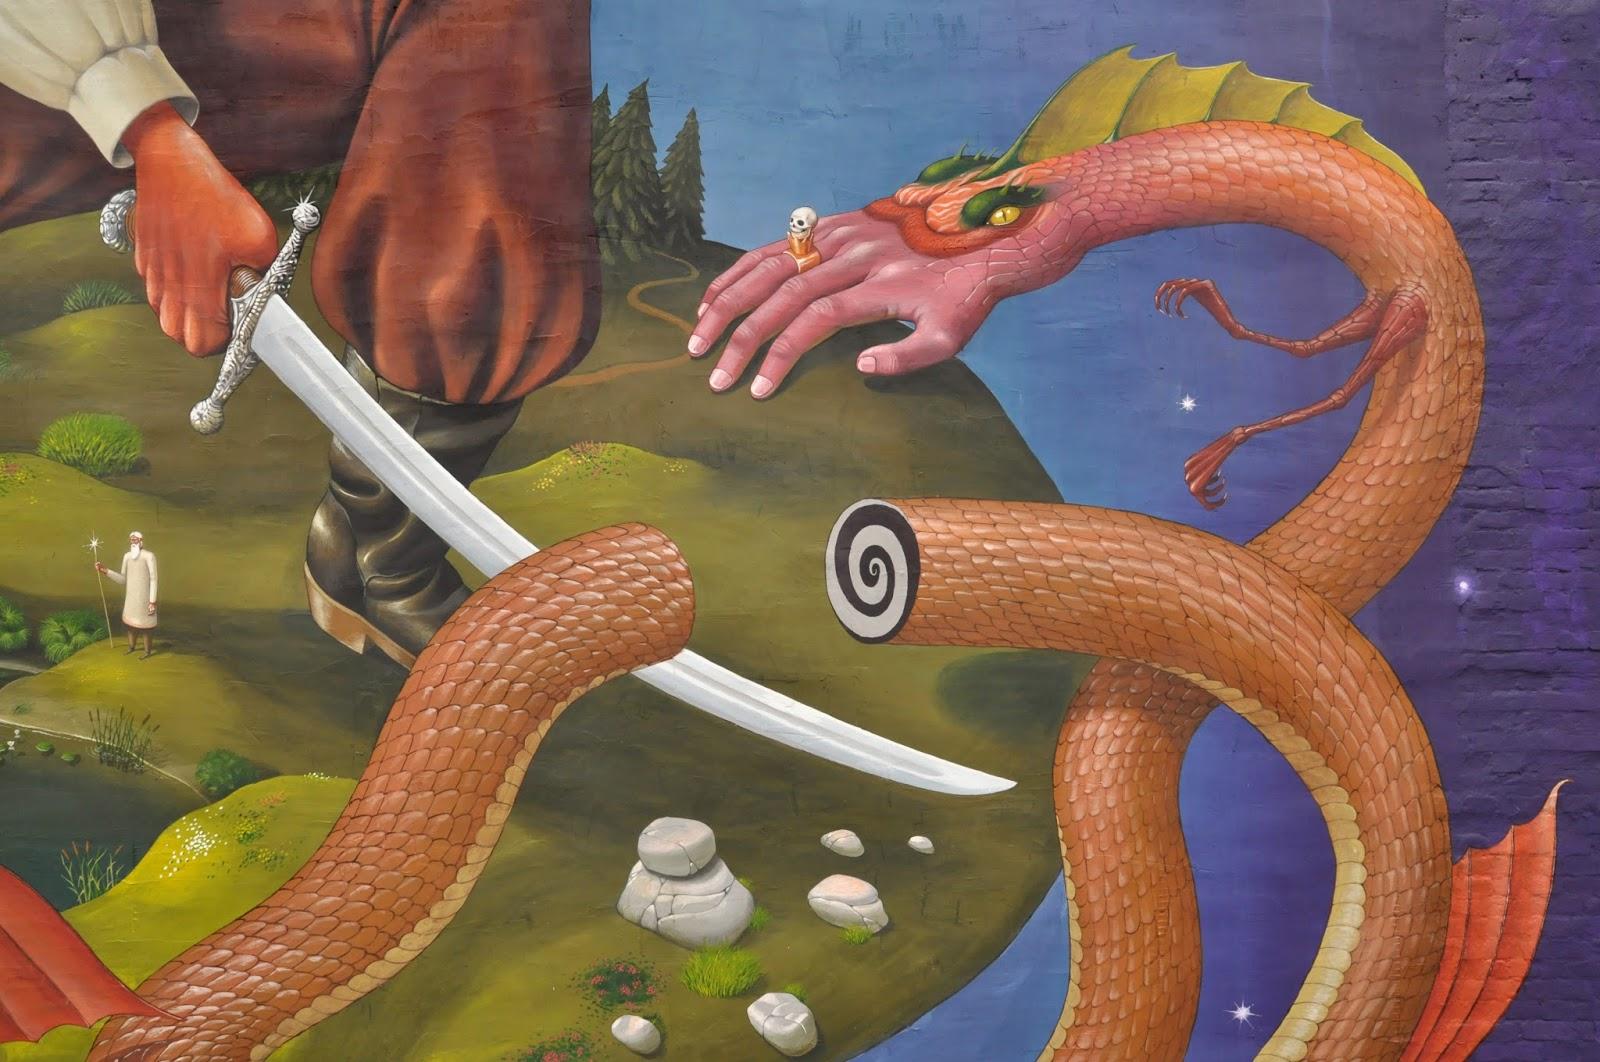 interesni-kazki-mural-in-kiew-ukraine-11